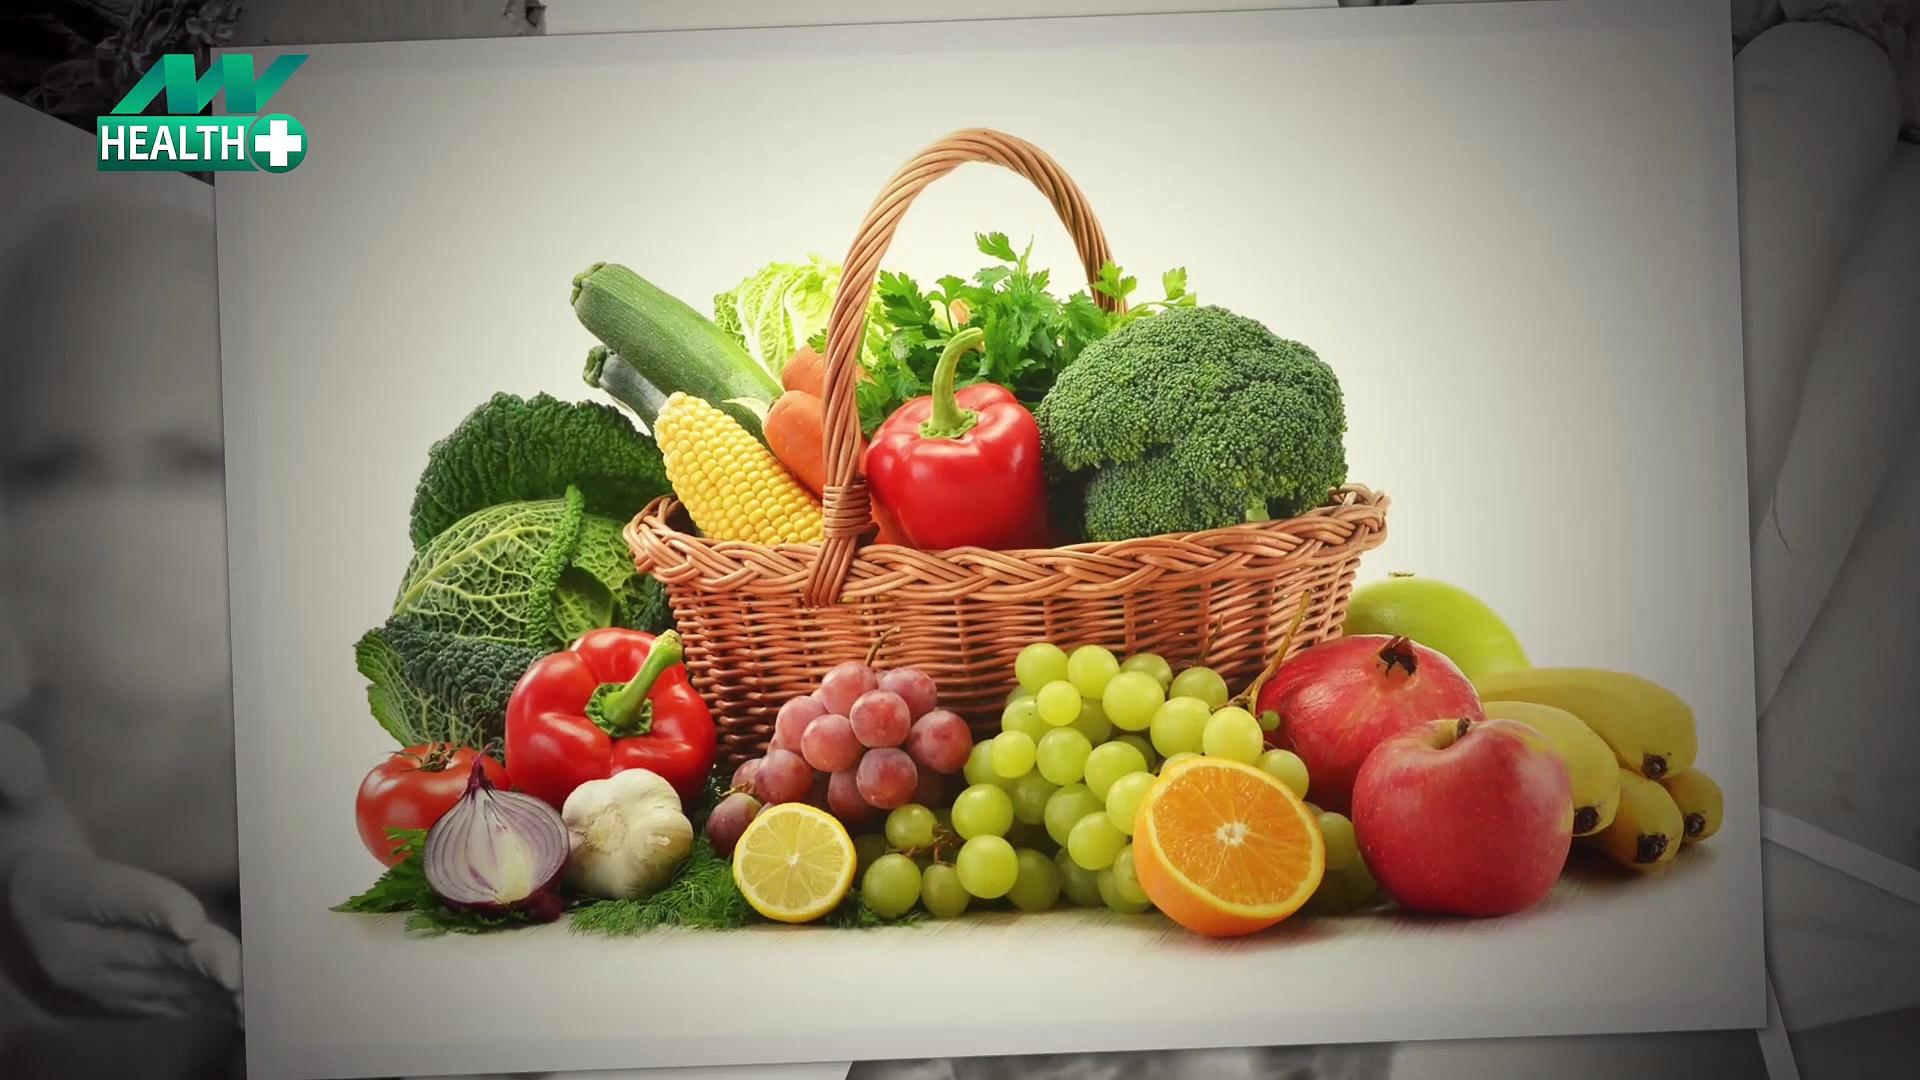 किडनी से जुड़ी प्रॉब्लम से बचाएं ये खाना |kidney health| foods for kidney health|best foods for kidney health|